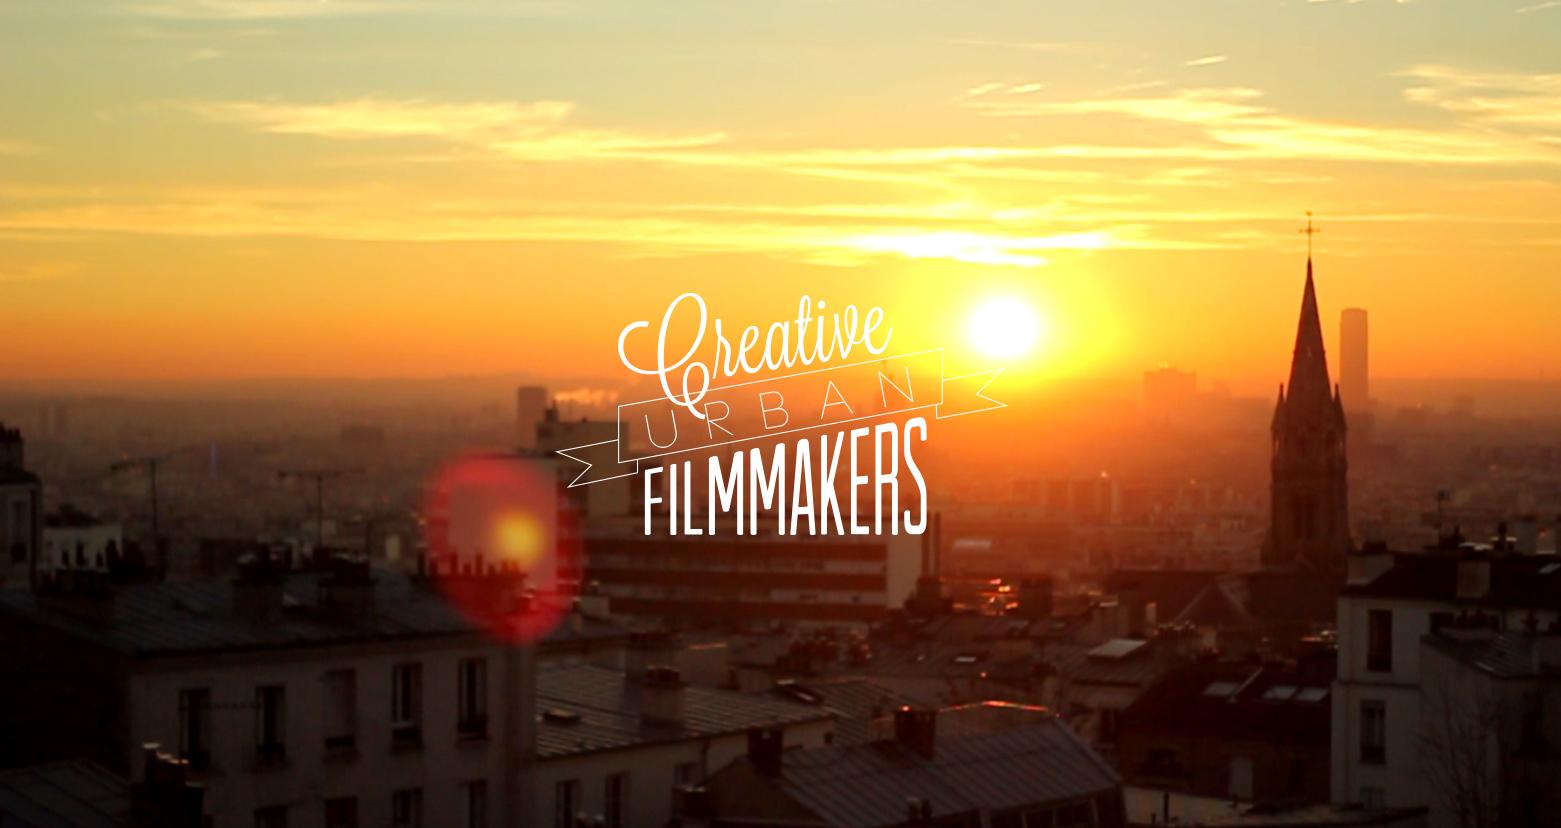 CROPTHEBLOCK_filmmakers